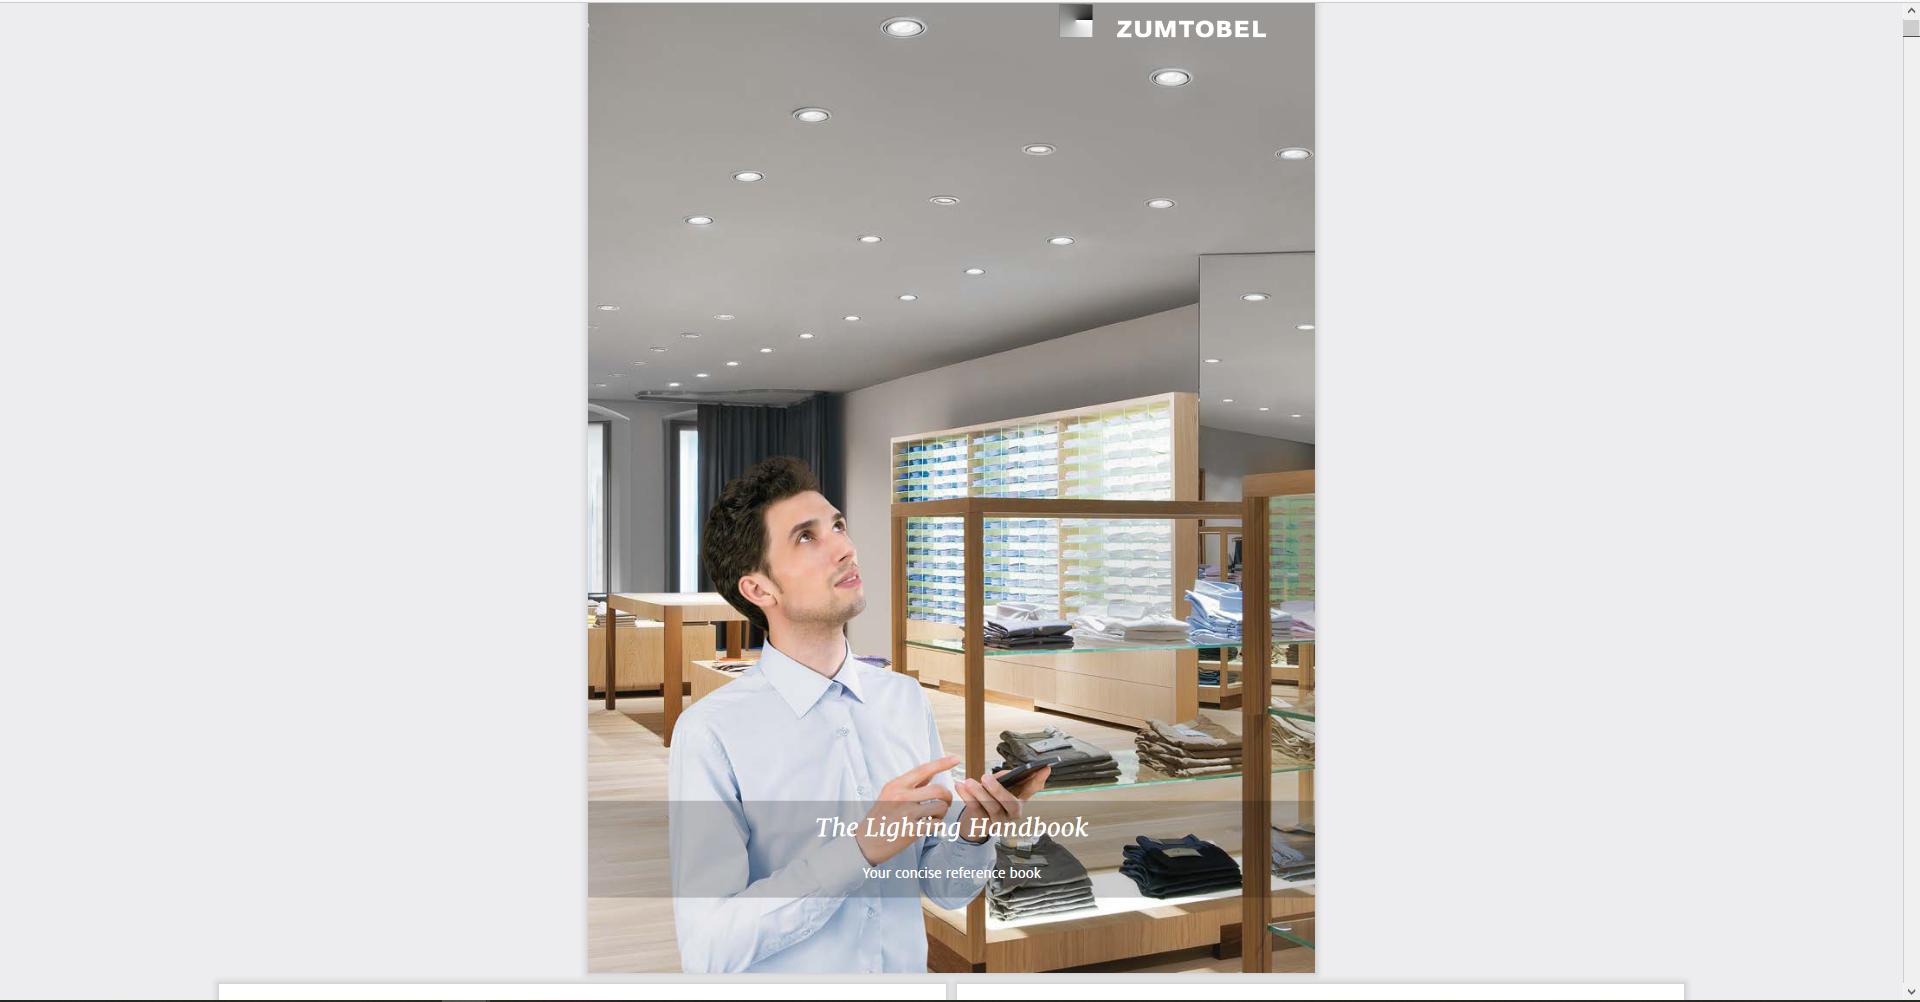 Digitale publicatie met heel wat informatie over licht & verlichting